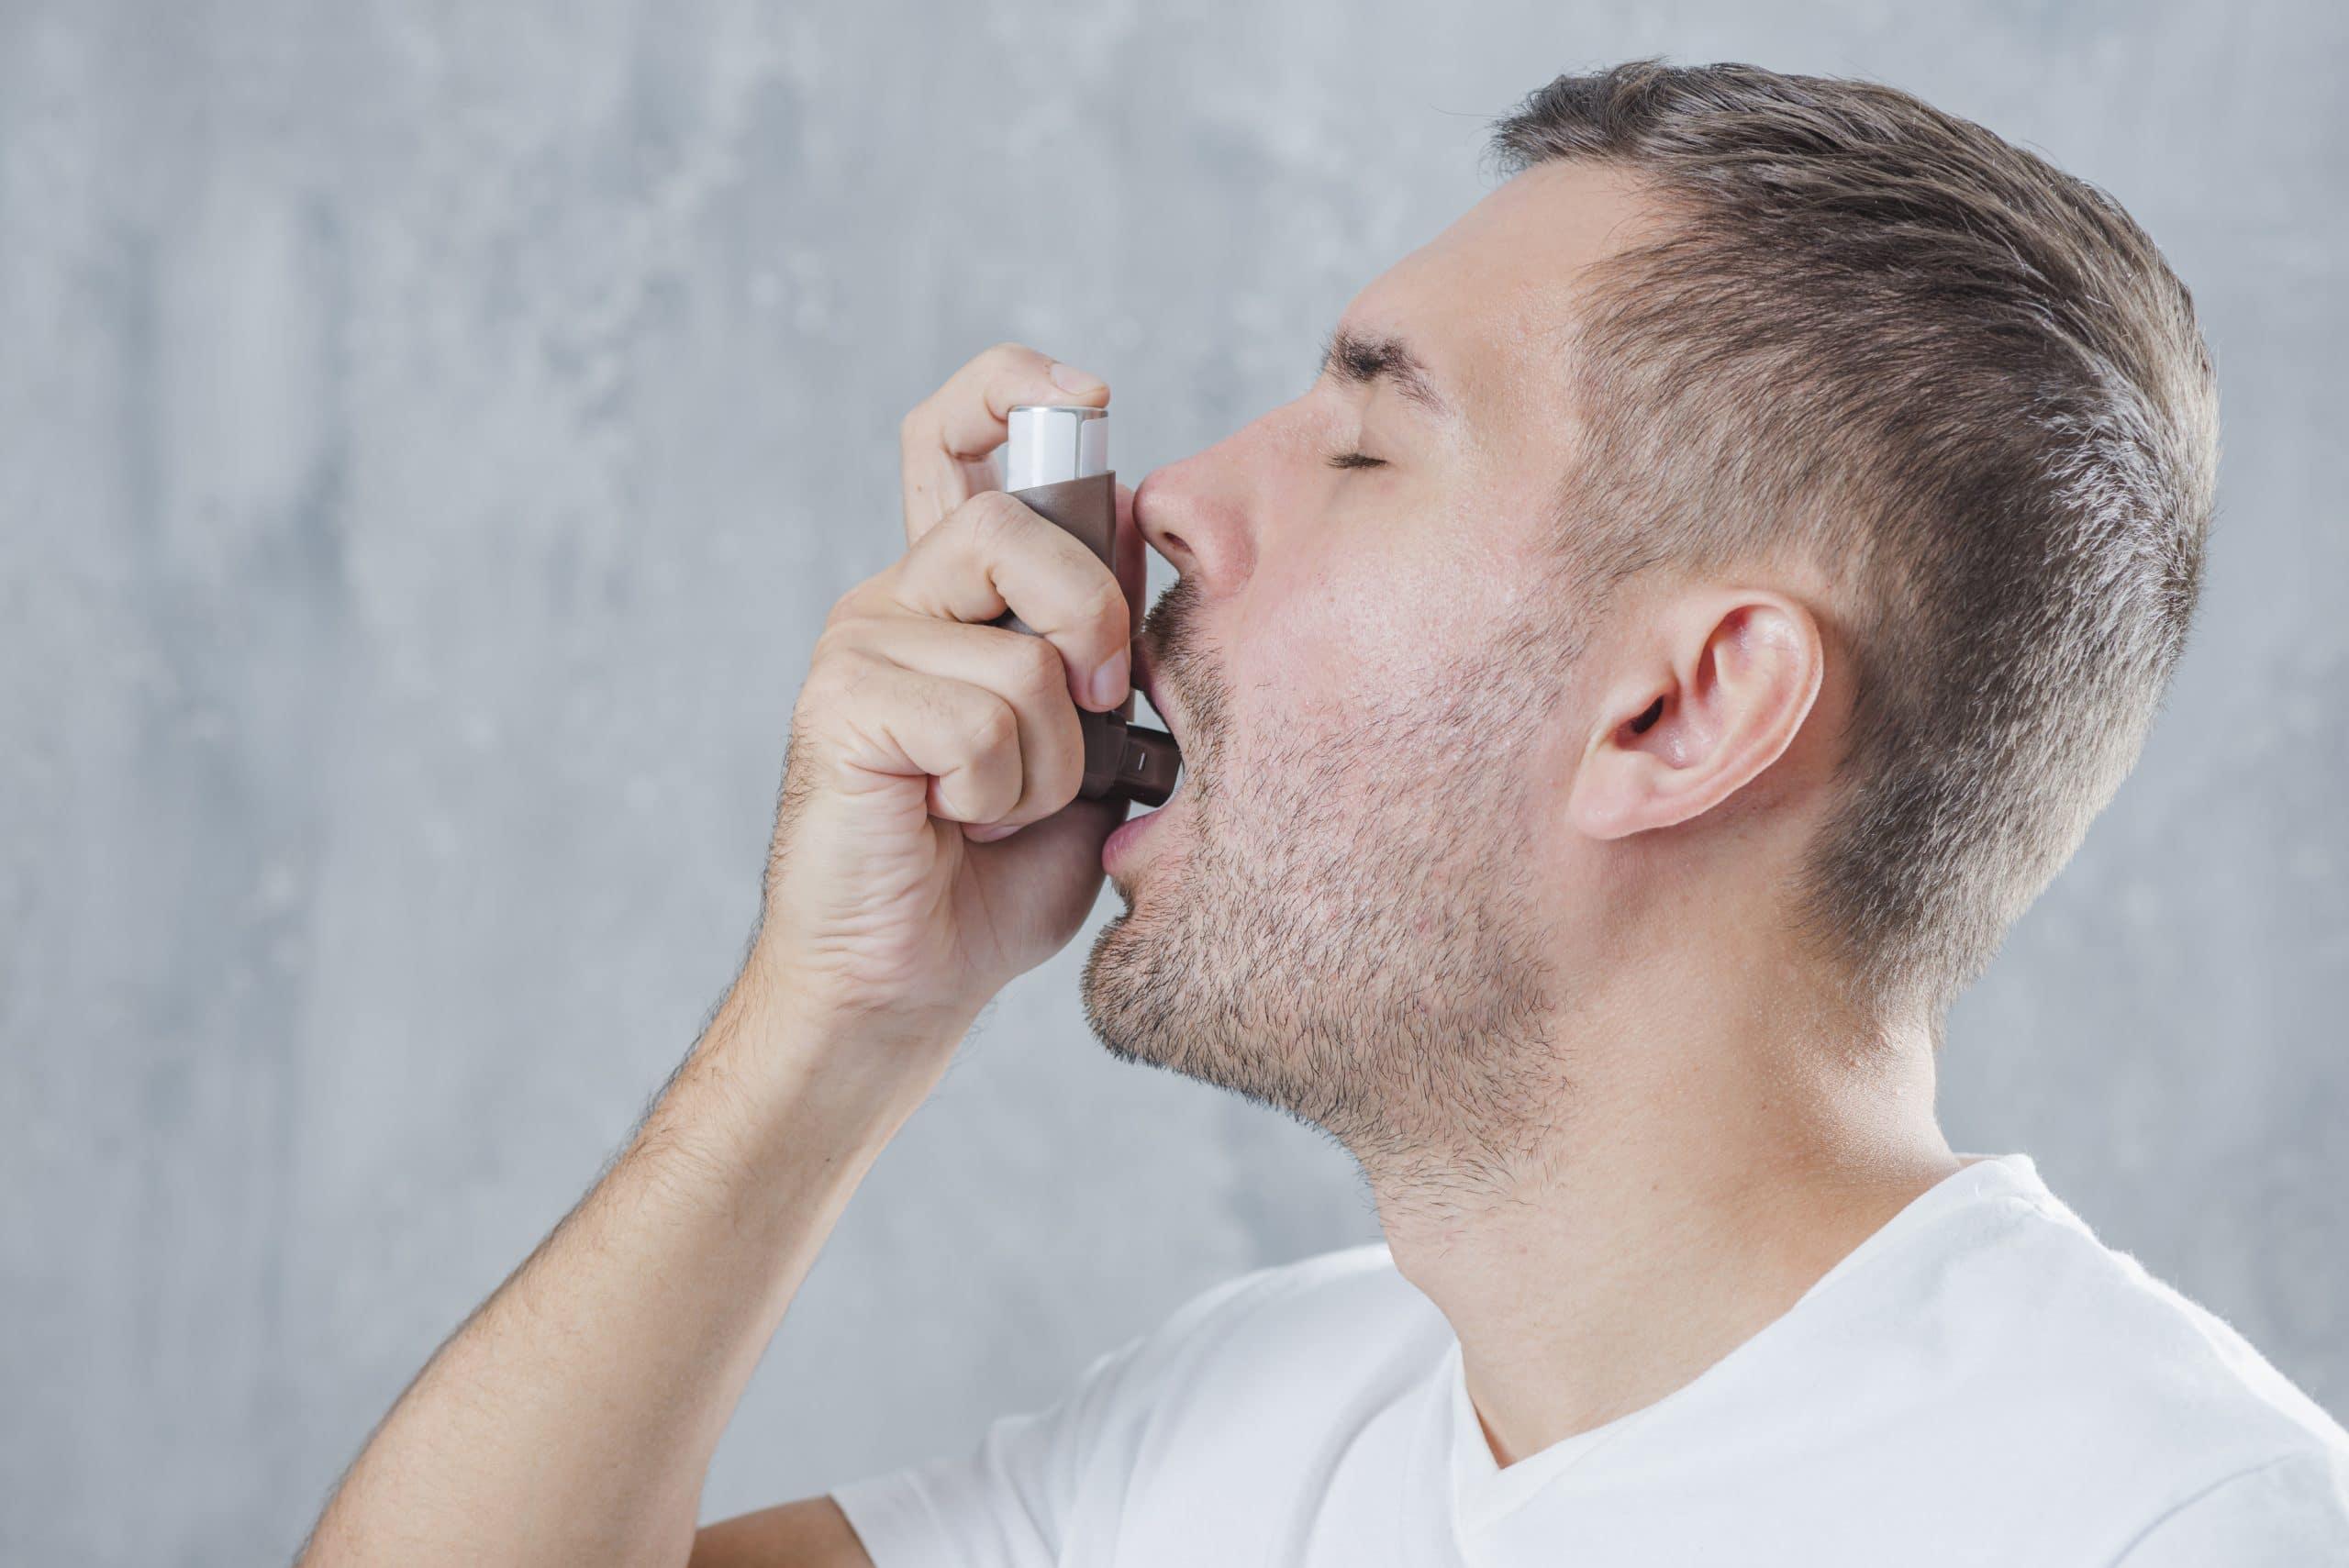 uomo con inalatore - come curare asma